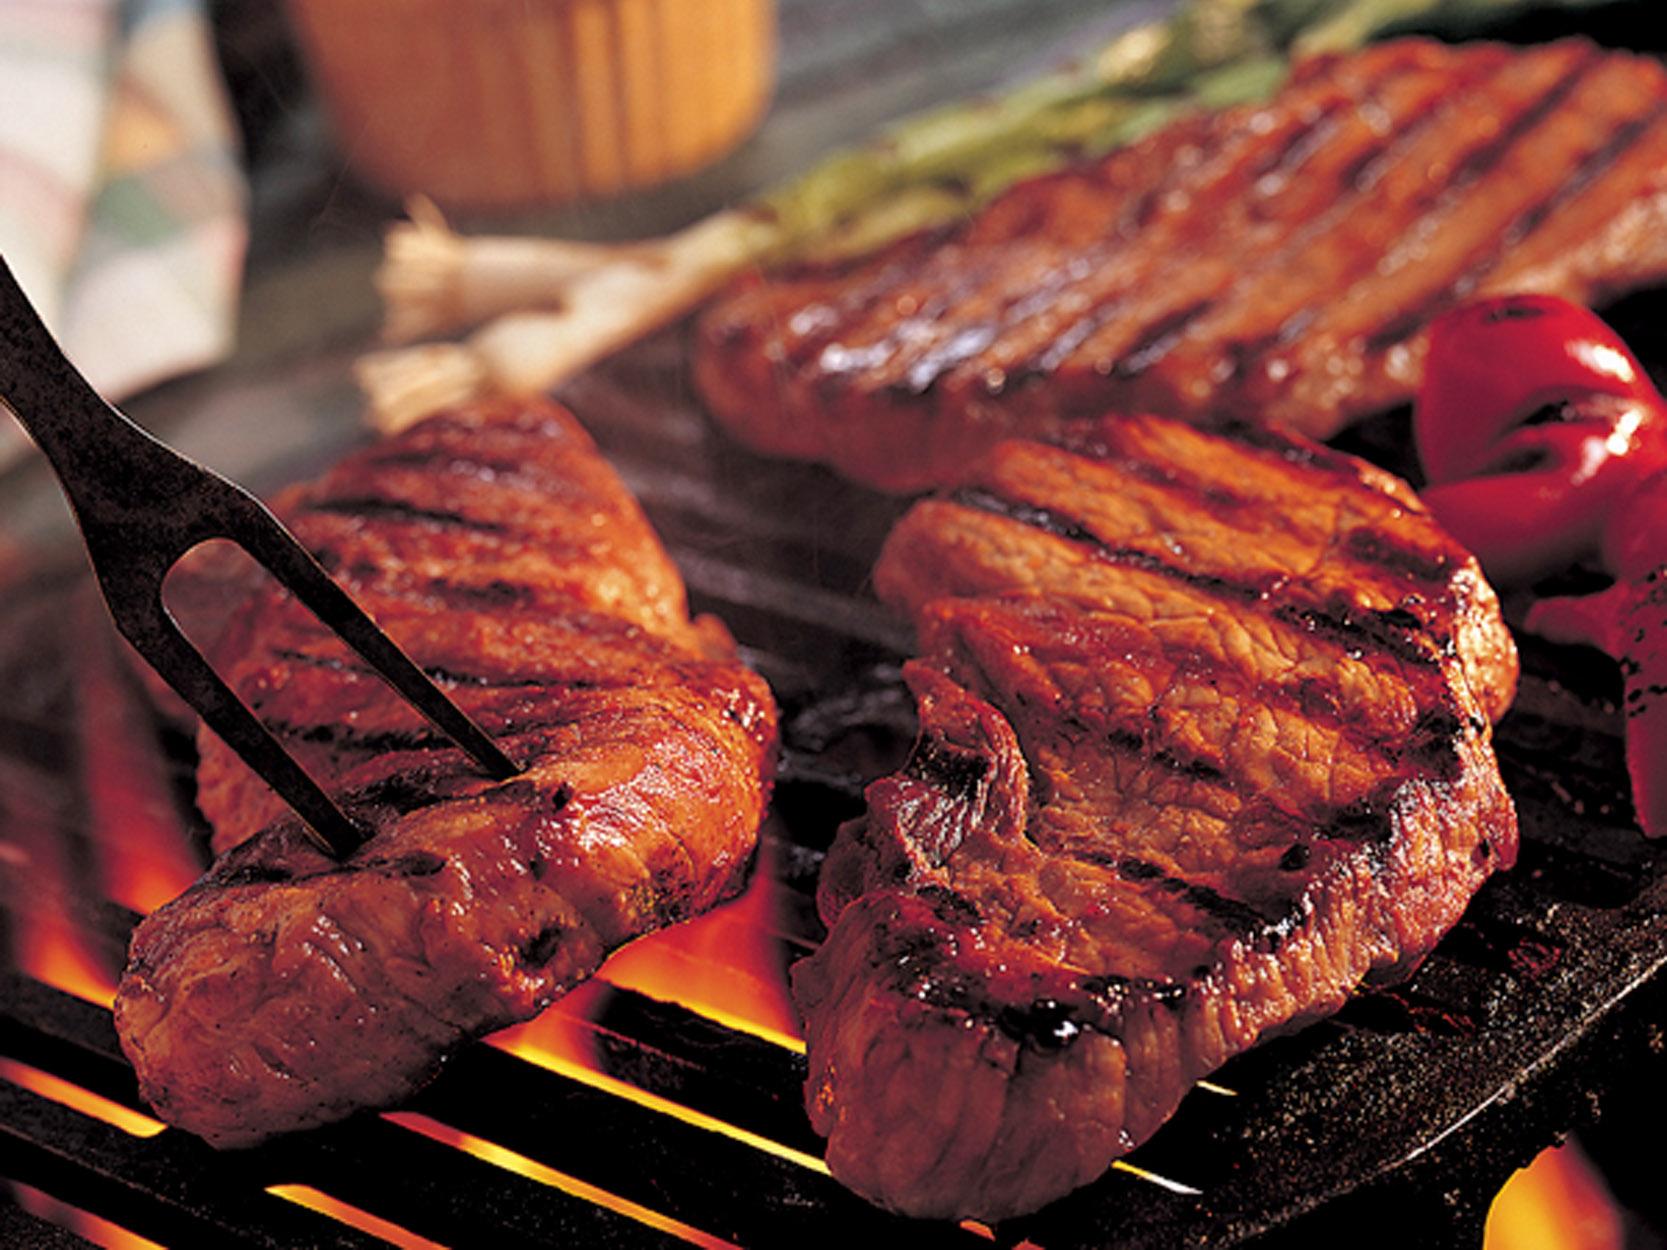 Красноватое мясо увеличивает риск диабета 2 типа